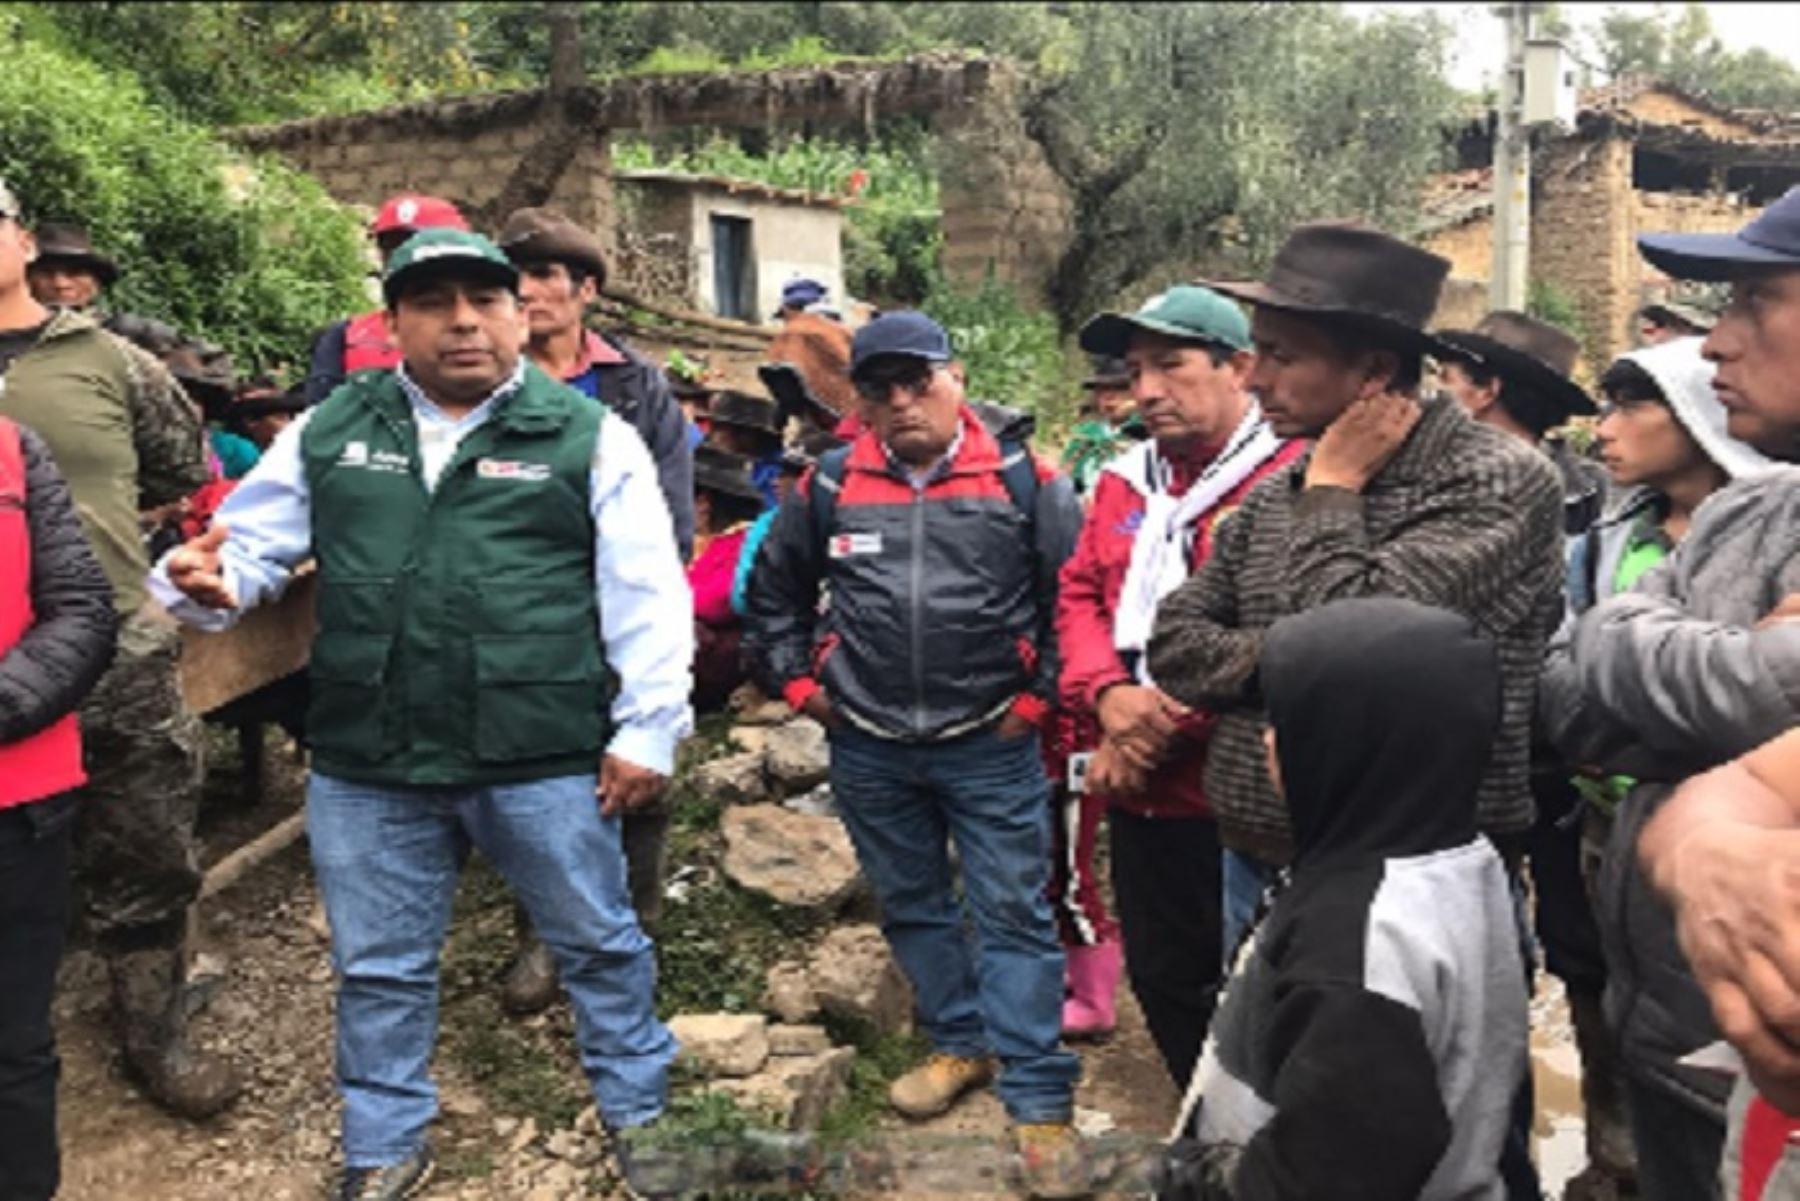 El Gobierno Regional de Ayacucho con el apoyo del personal del Ejército del Perú apoyará con las labores de limpieza y descolmatación.